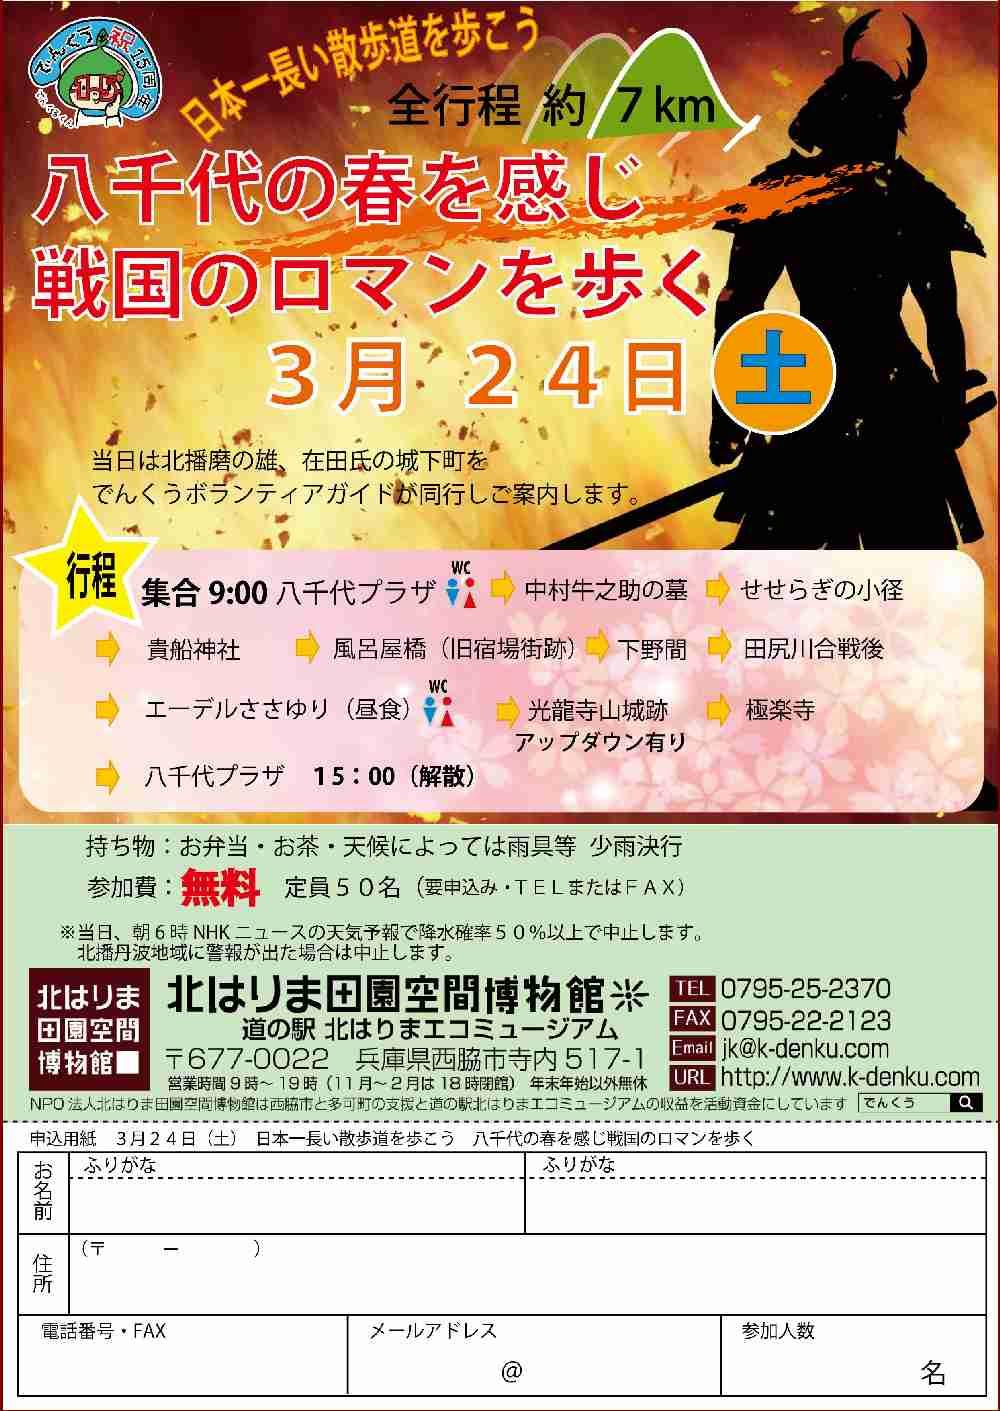 3/24 日本一長い散歩道を歩こう:八千代プラザ集合